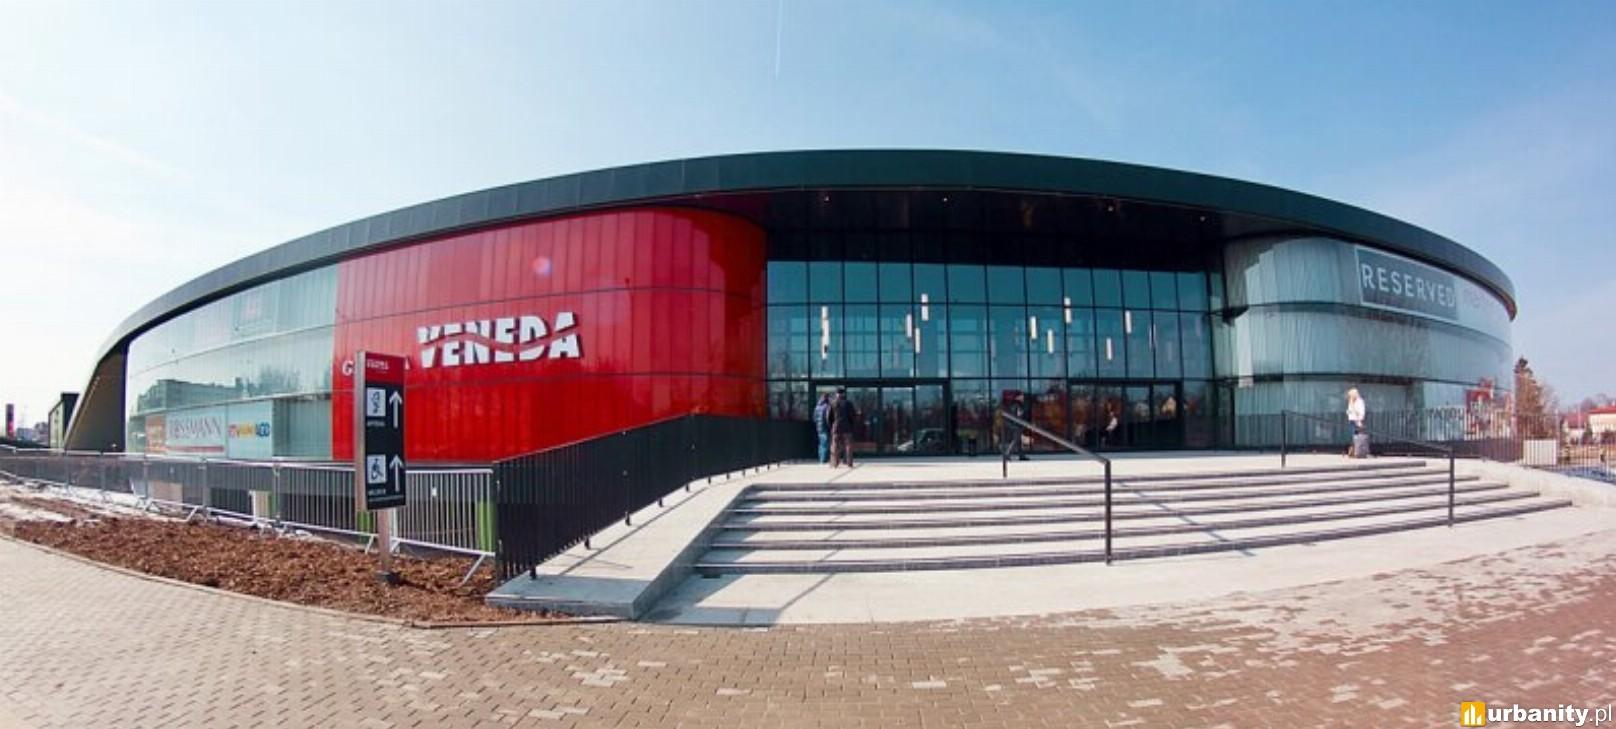 Galeria Veneda w Łomży zostanie przebudowana